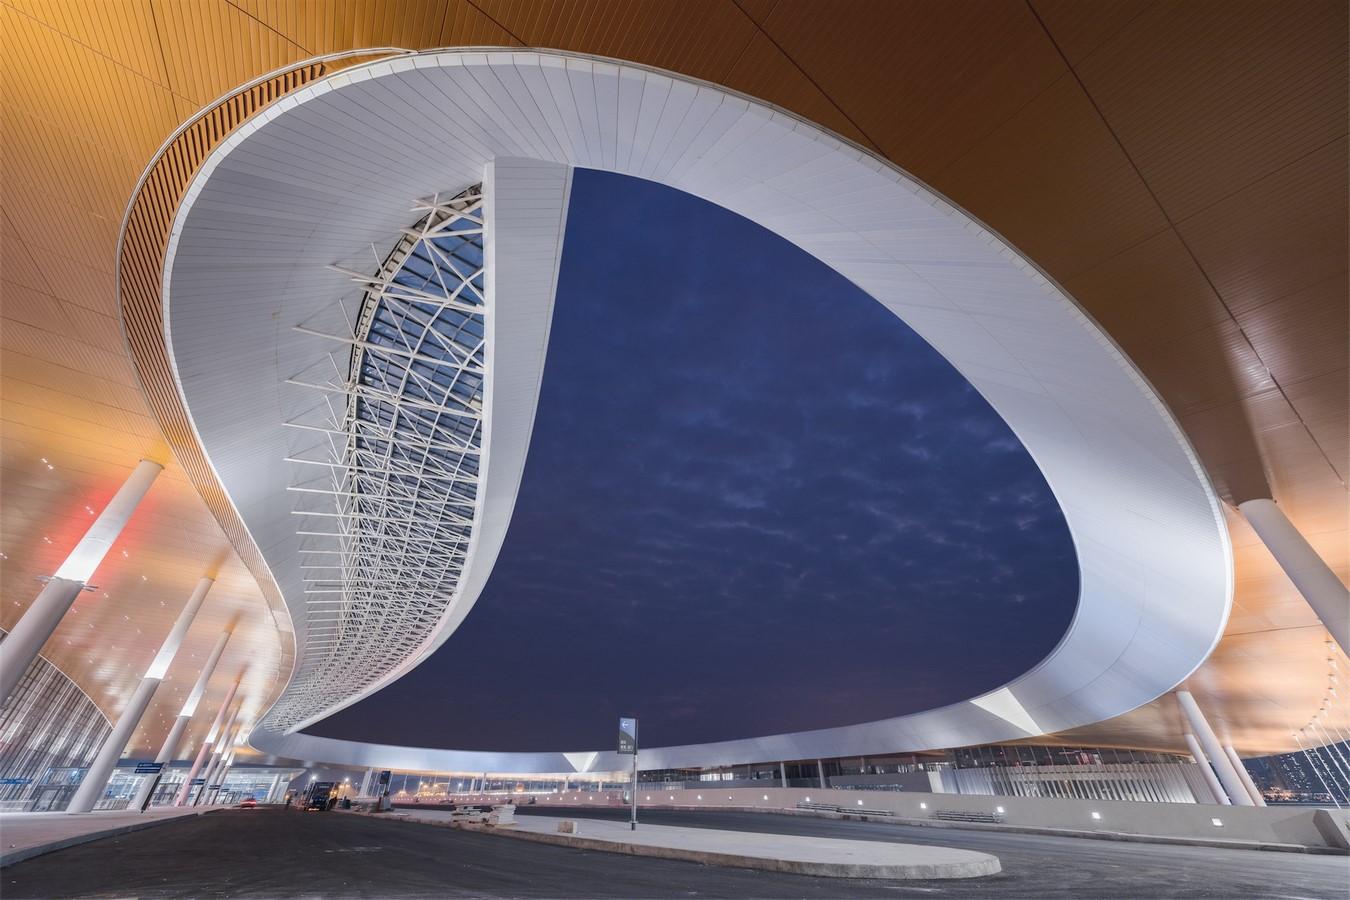 Hong Kong-Zhuhai-Macao Bridge Artificial Island Port by ECADI: The longest open-sea fixed link in the world Sheet11